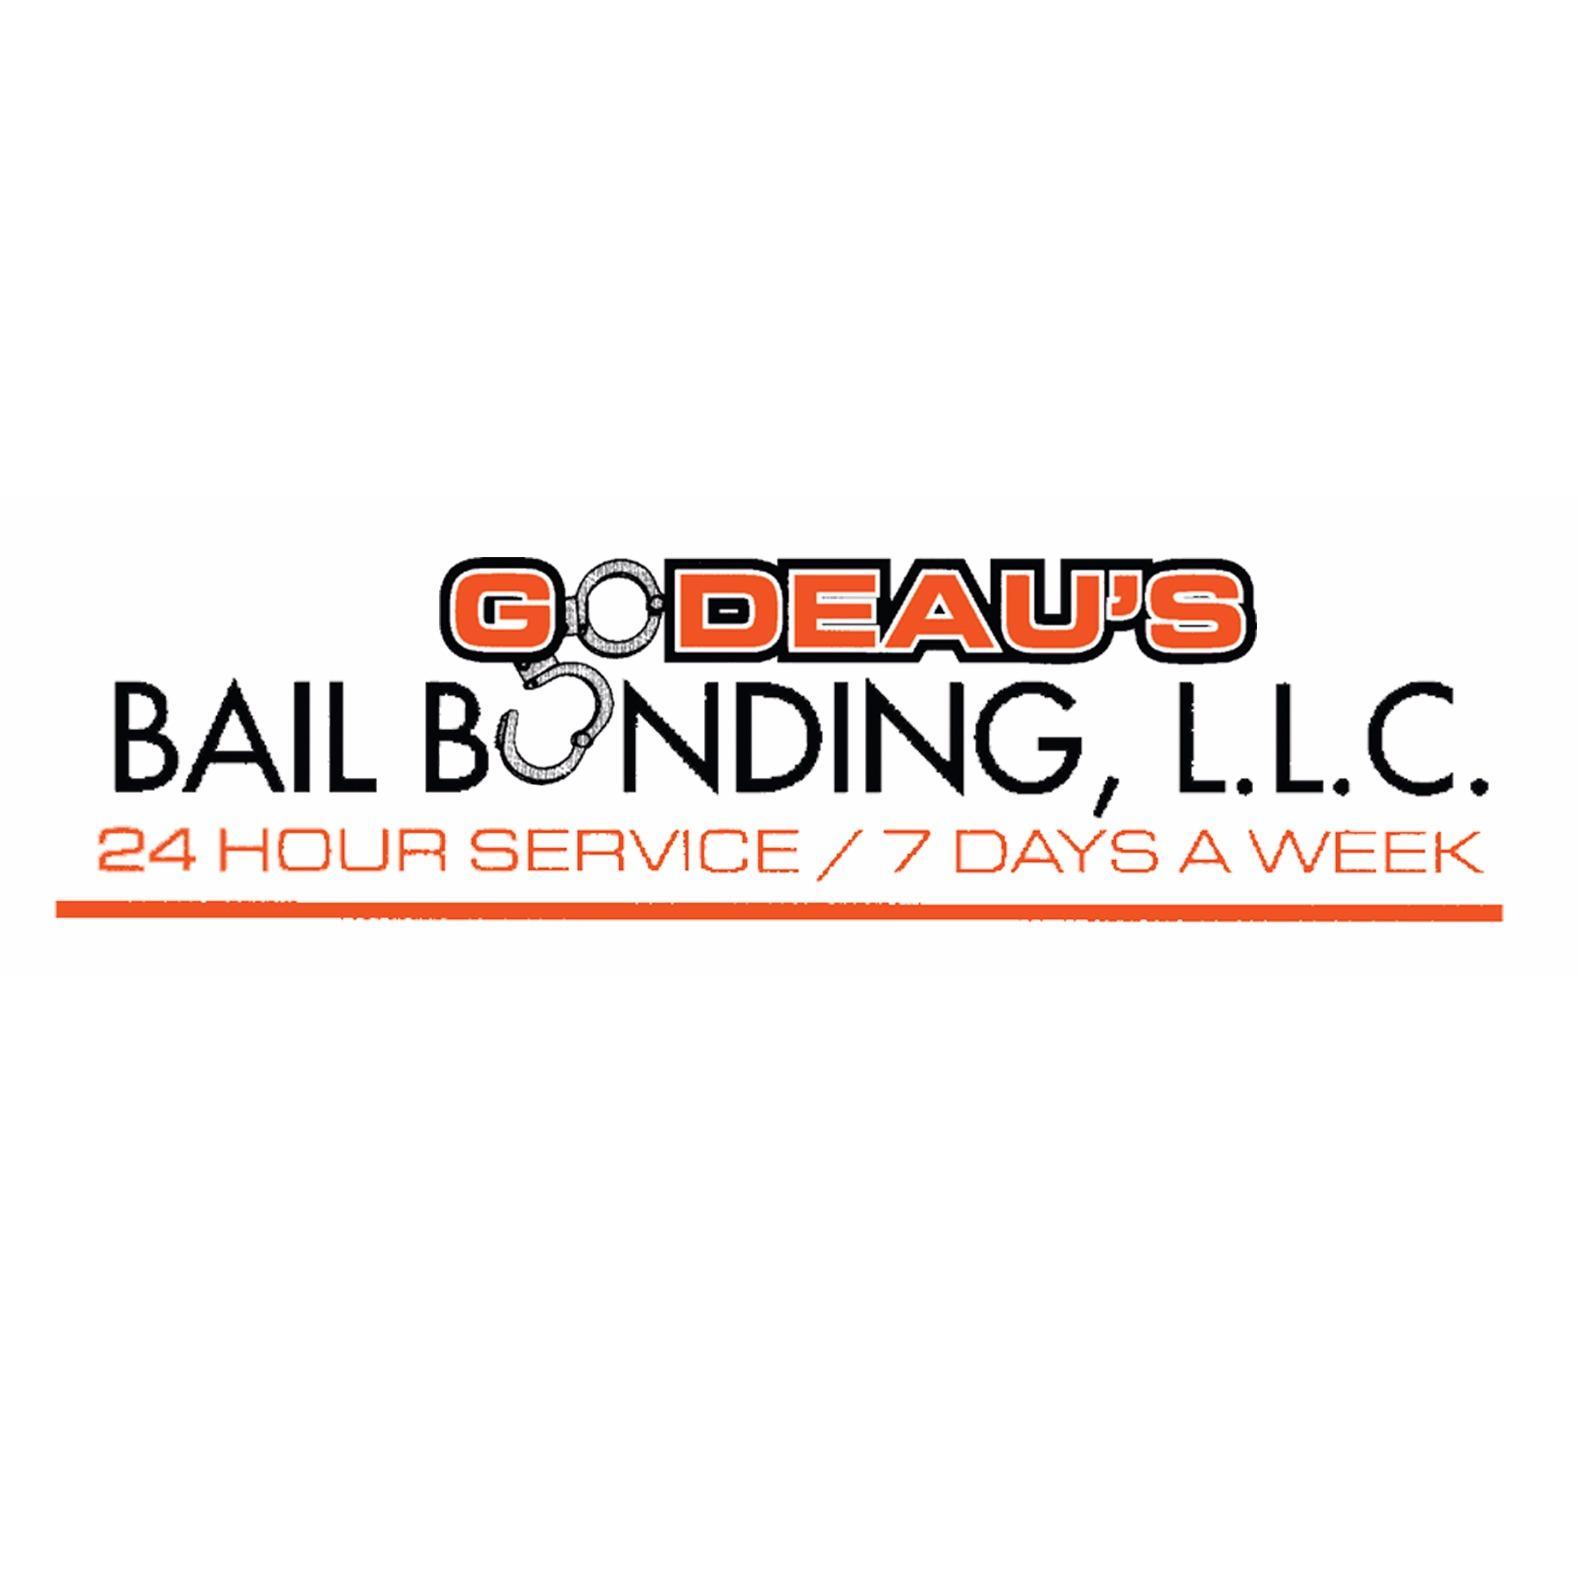 Godeau's Bail Bonding L.L.C